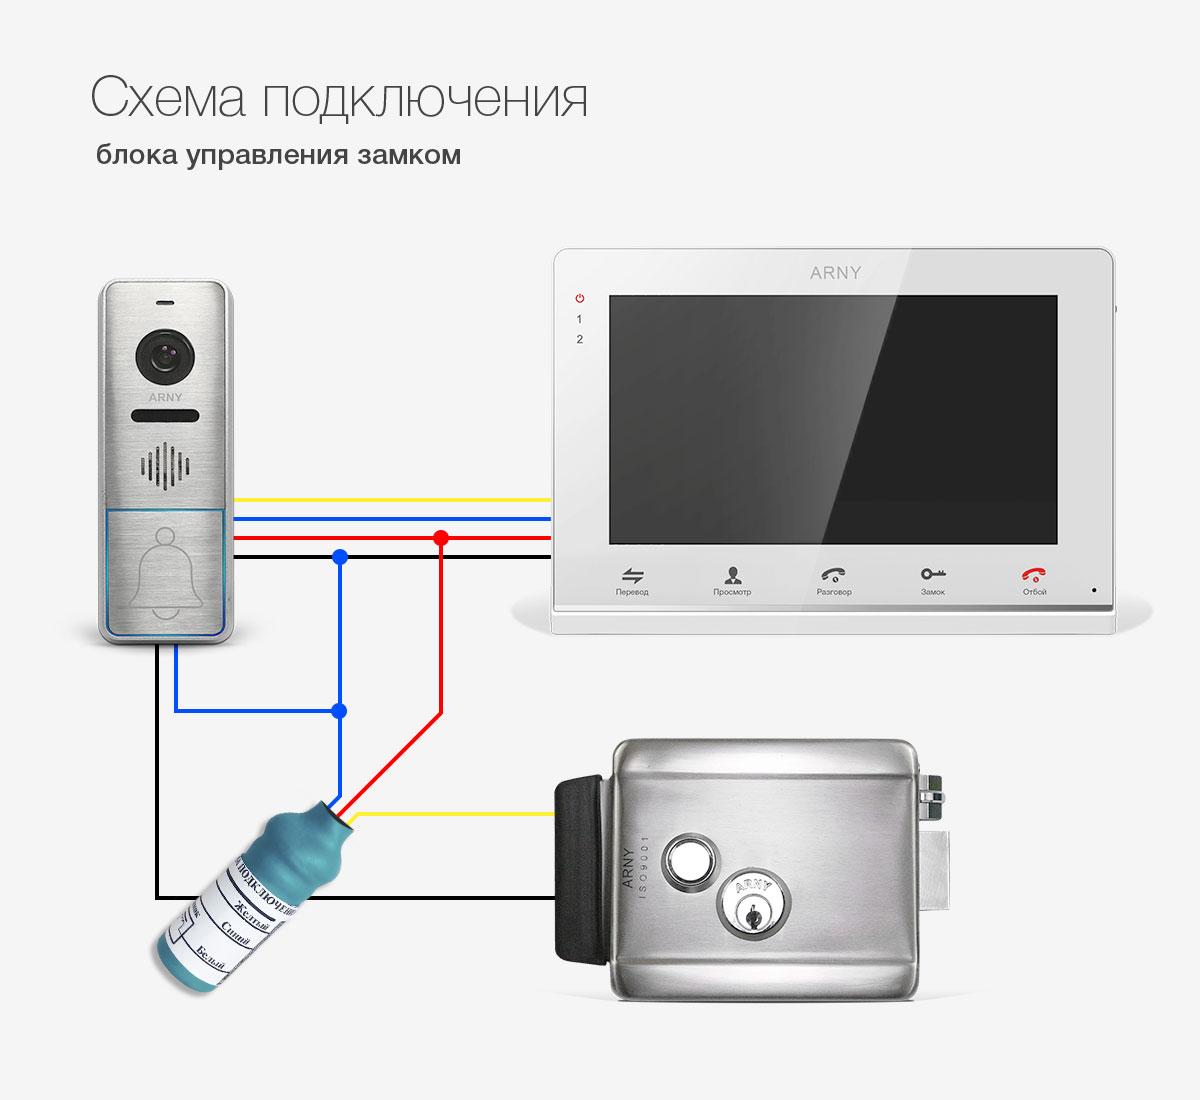 Схема подключения домофона с электромагнитным замком в частный дом